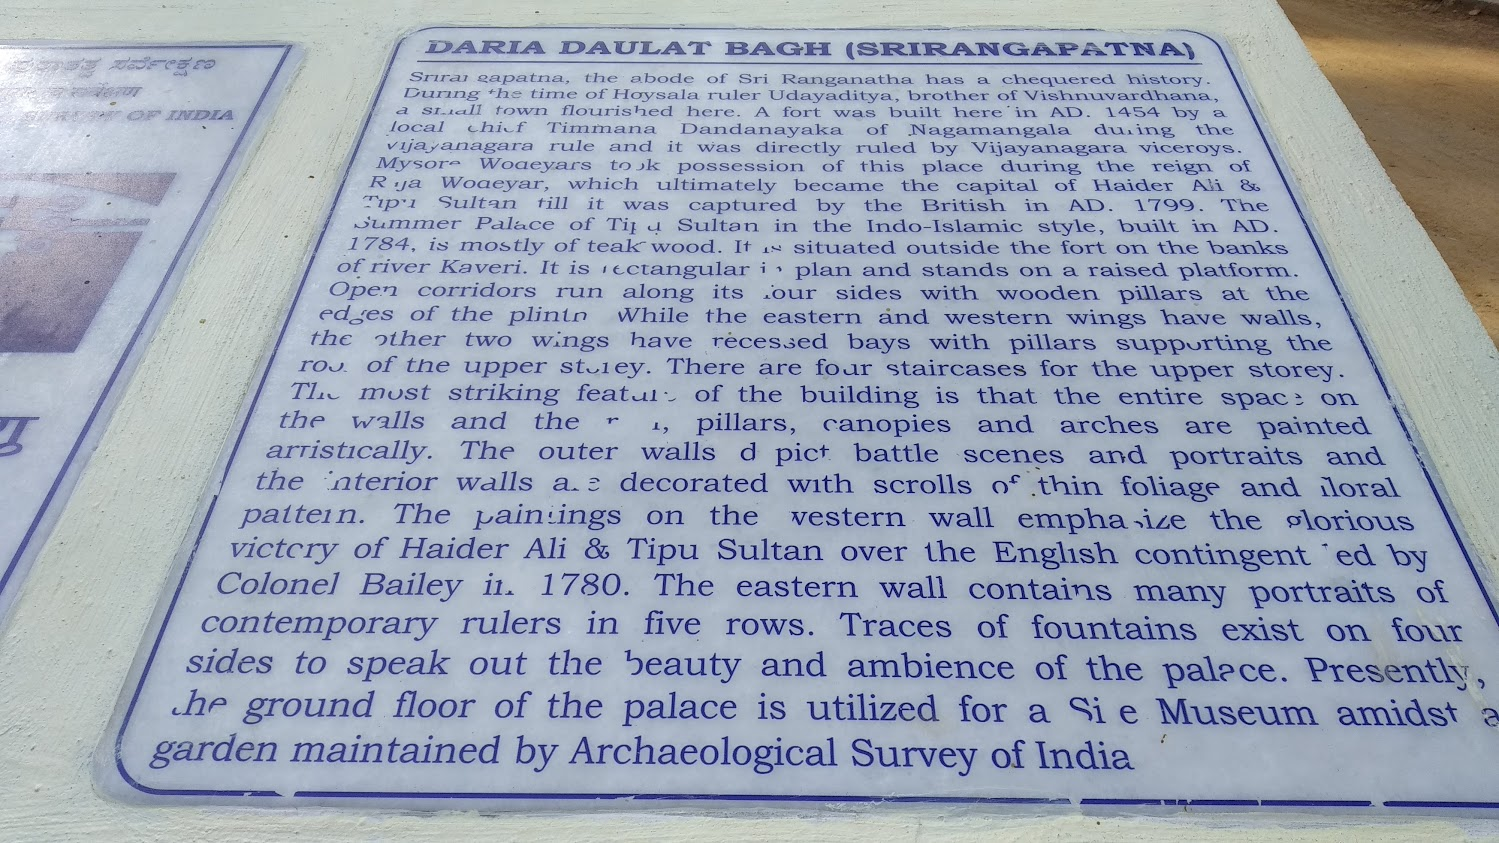 Daria Daulat Bagh